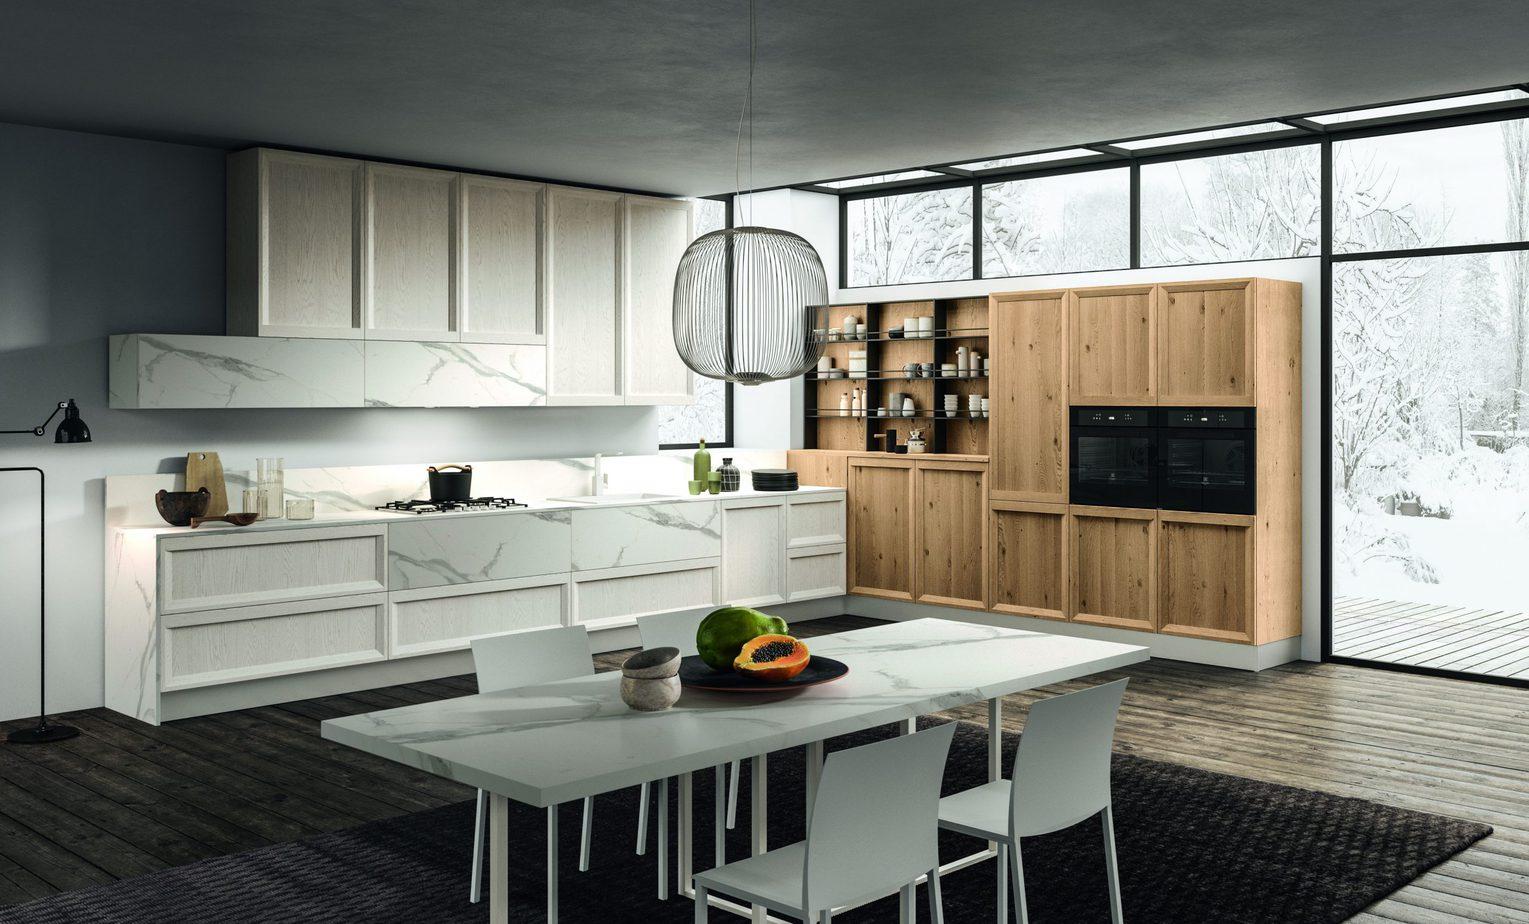 Cucina di design Rovere Nodato, bianco laccato e HPL marmo